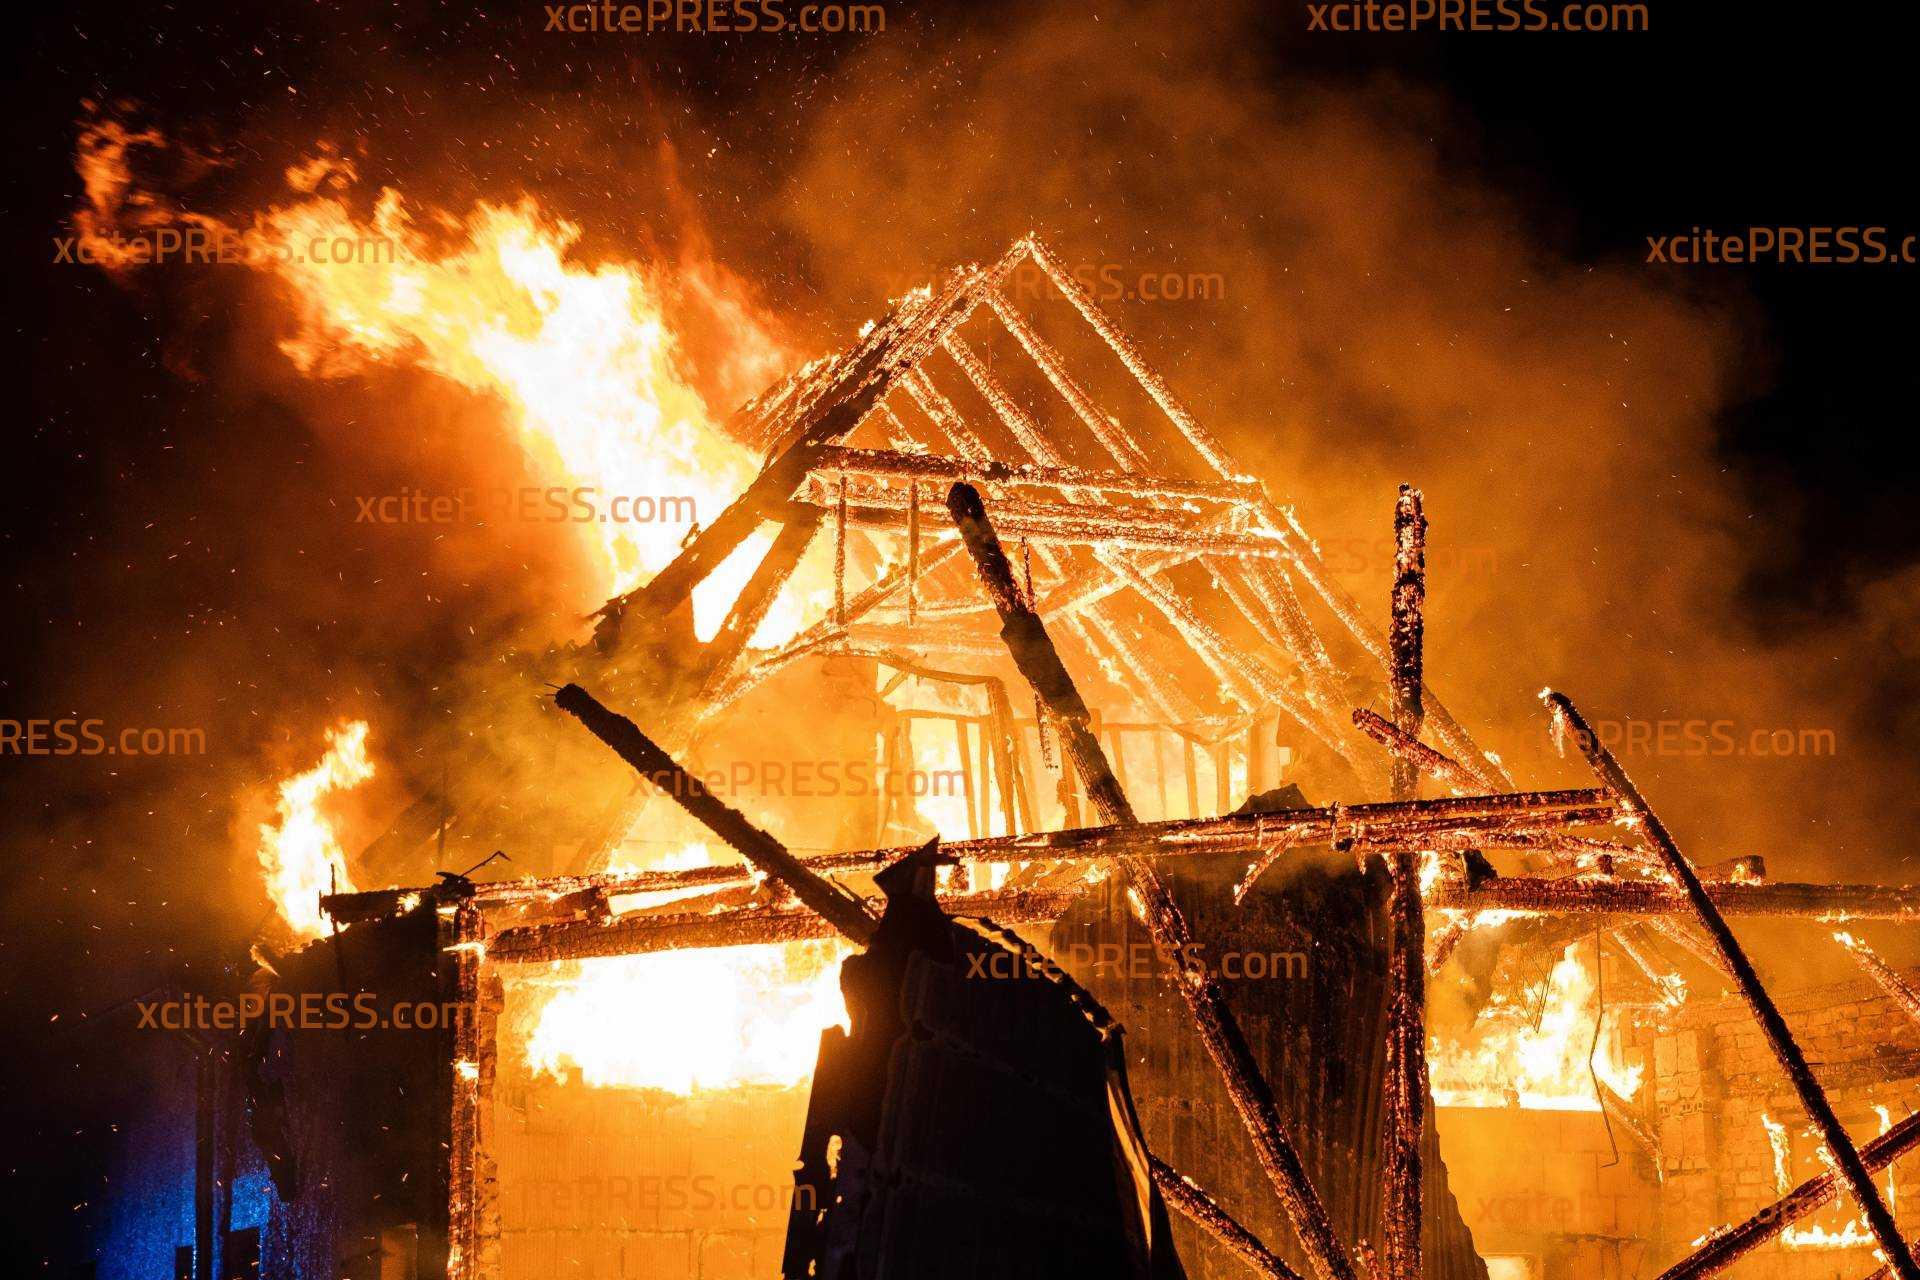 Flammeninferno in Dorf nahe Bautzen!: Brand an einem Wohnhaus - ein Mann verletzt